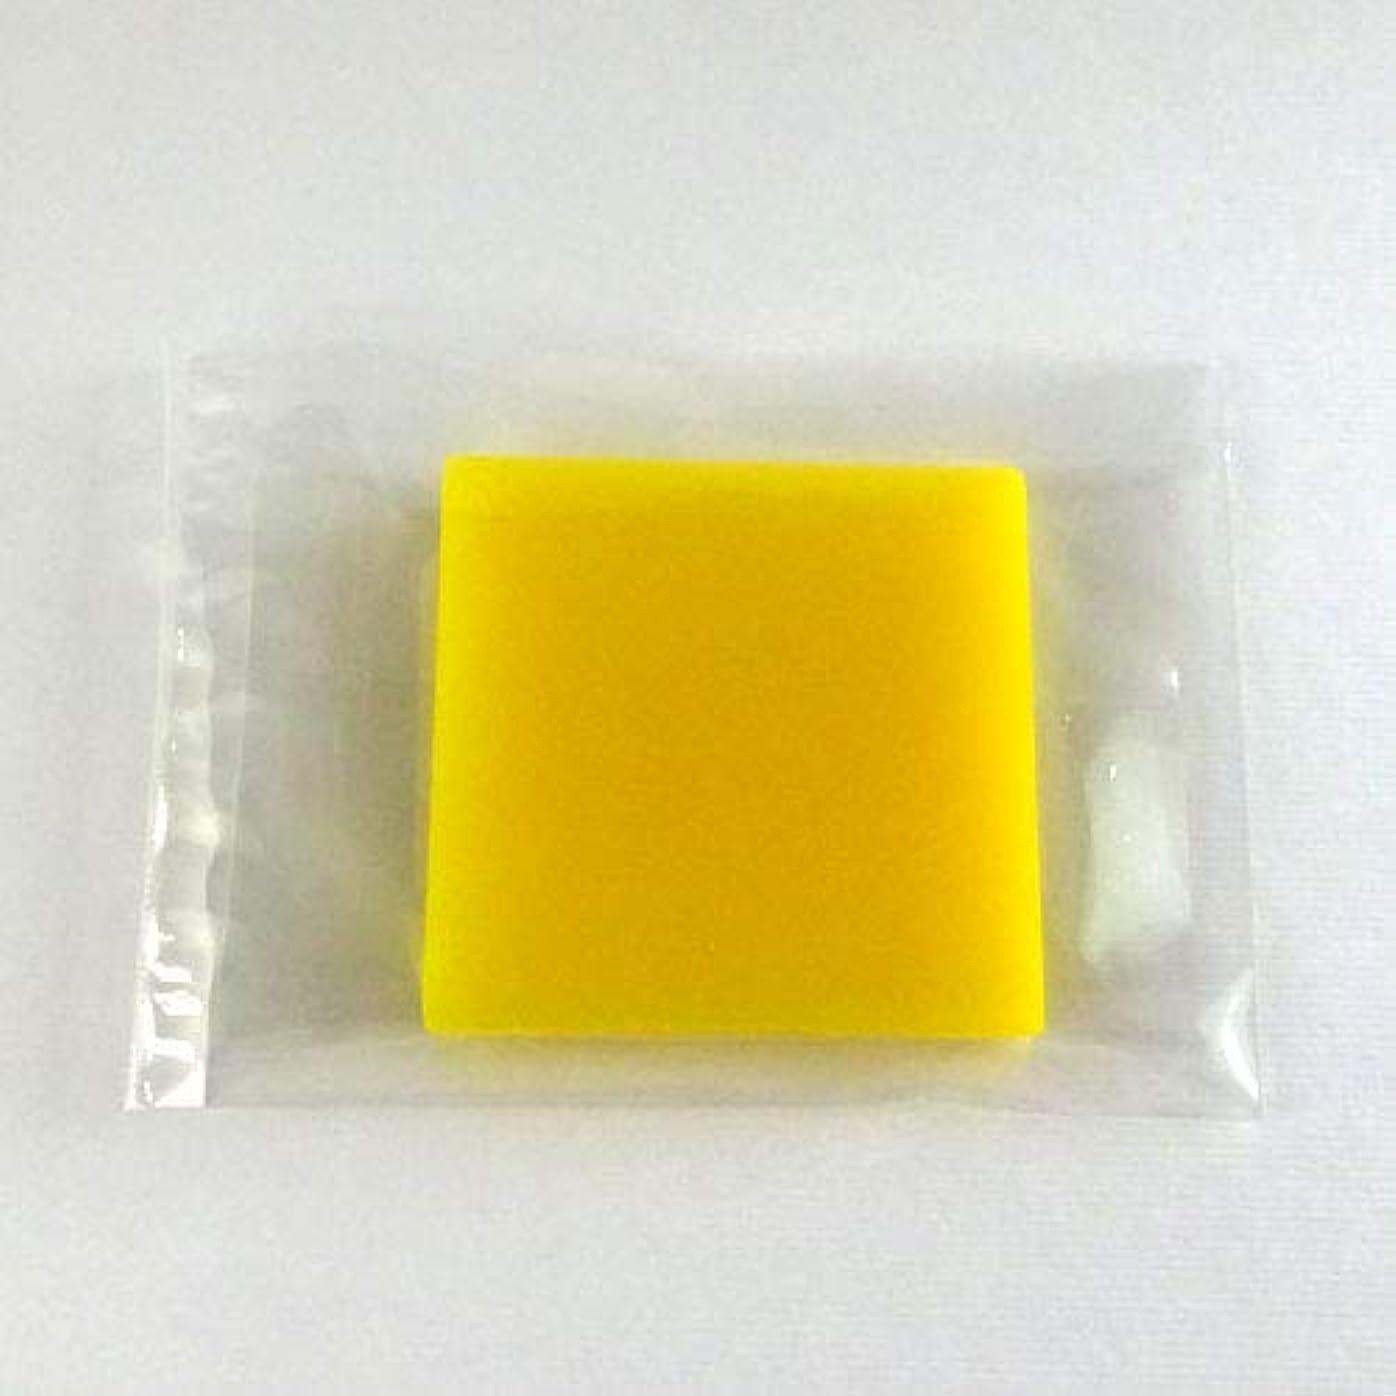 フォーマル柔らかさ委任グリセリンソープ MPソープ 色チップ 黄(イエロー) 30g